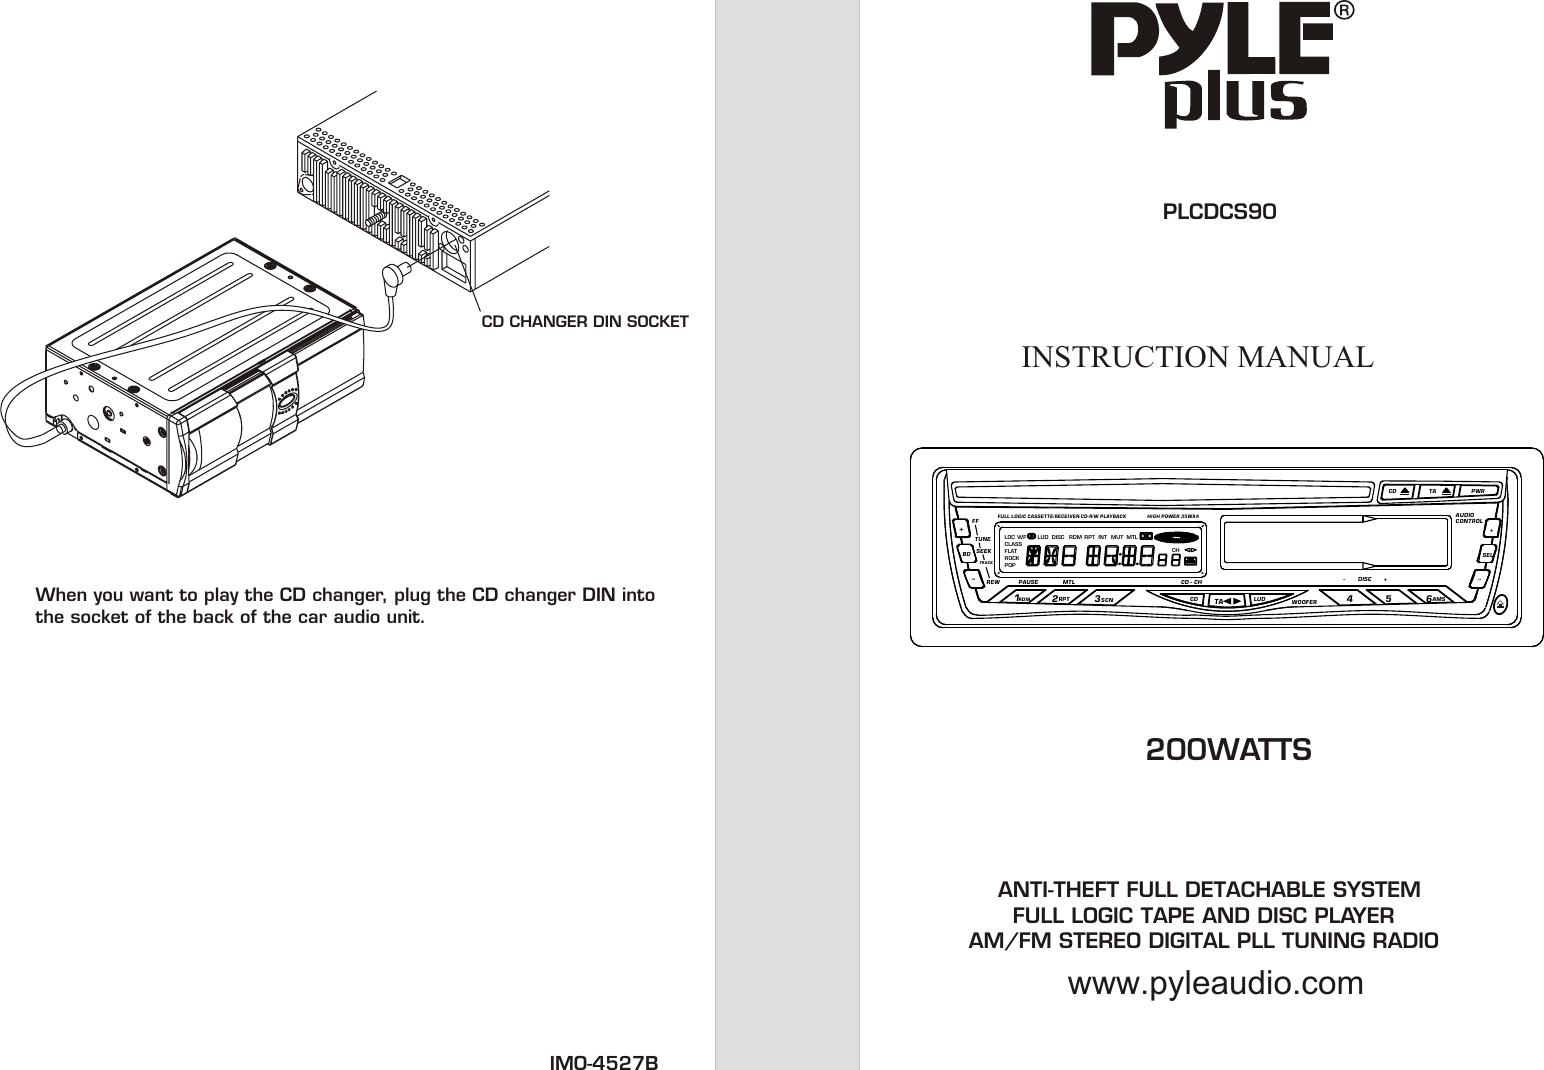 PYLE PLUS PLCDCS90M CD AND CASSETTE AUTO REVERSE PLAYER